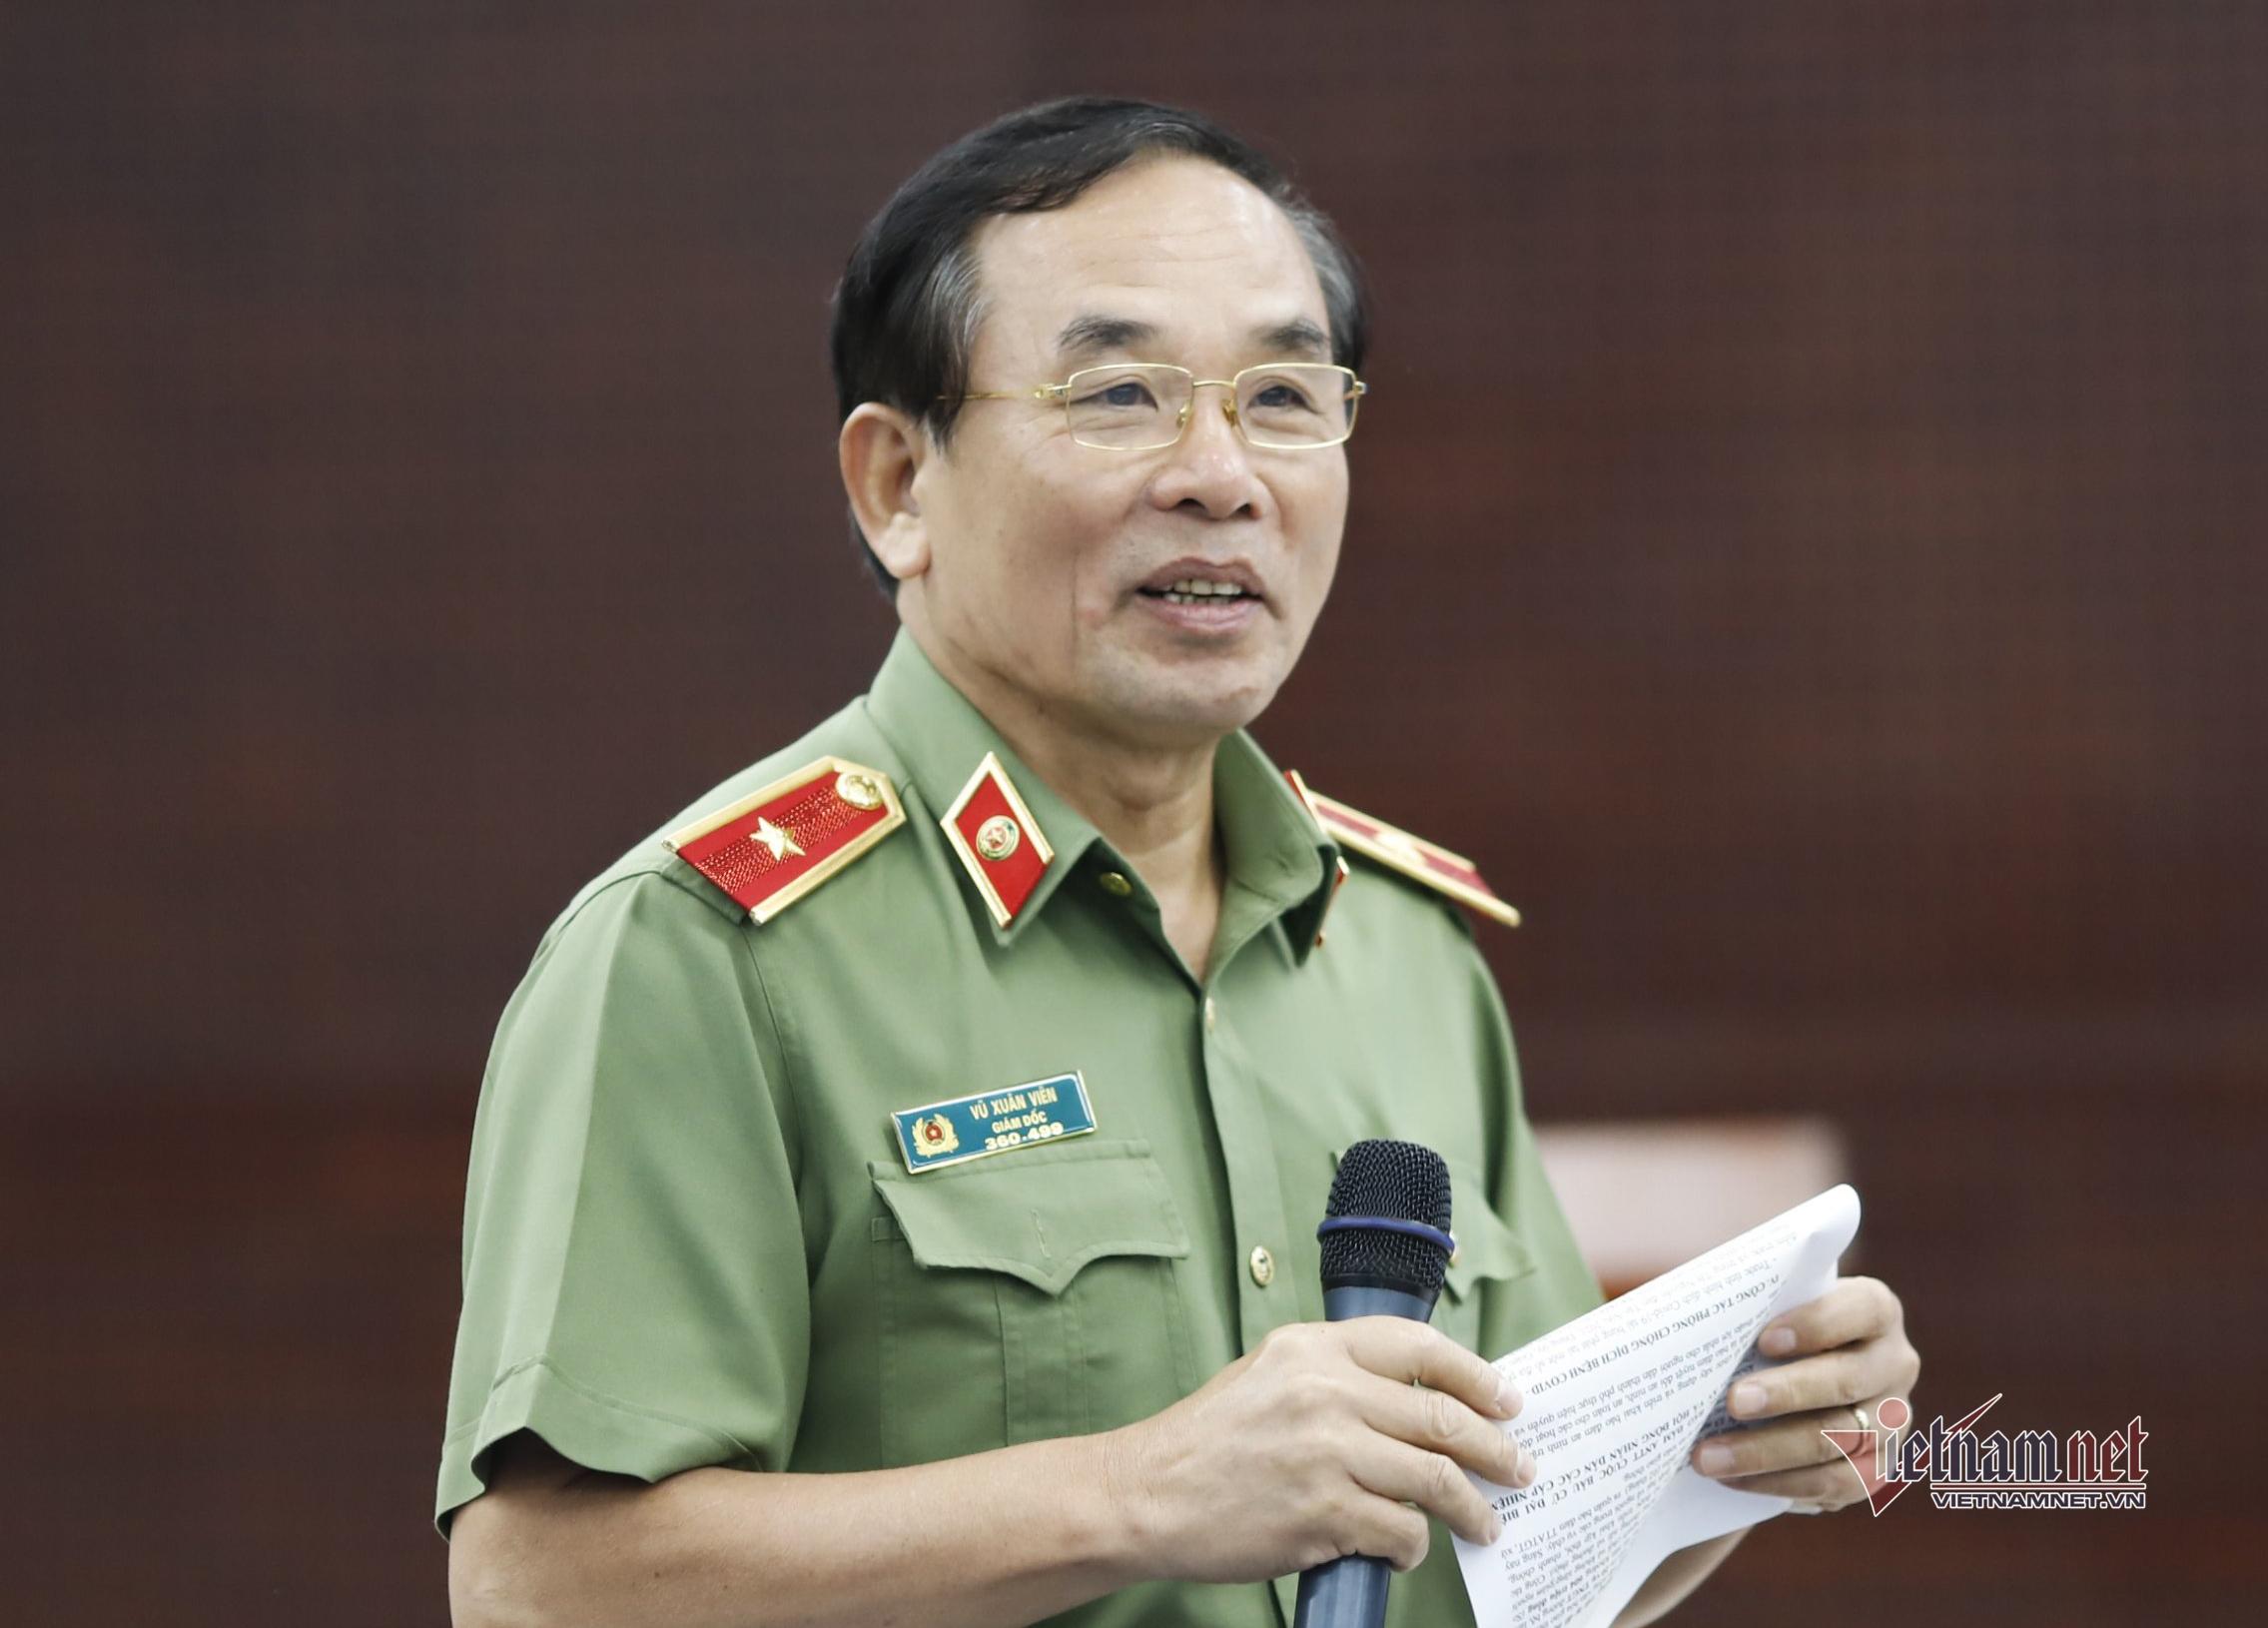 Giám đốc Công an Đà Nẵng nói về xử lý người nước ngoài nhập cảnh trái phép